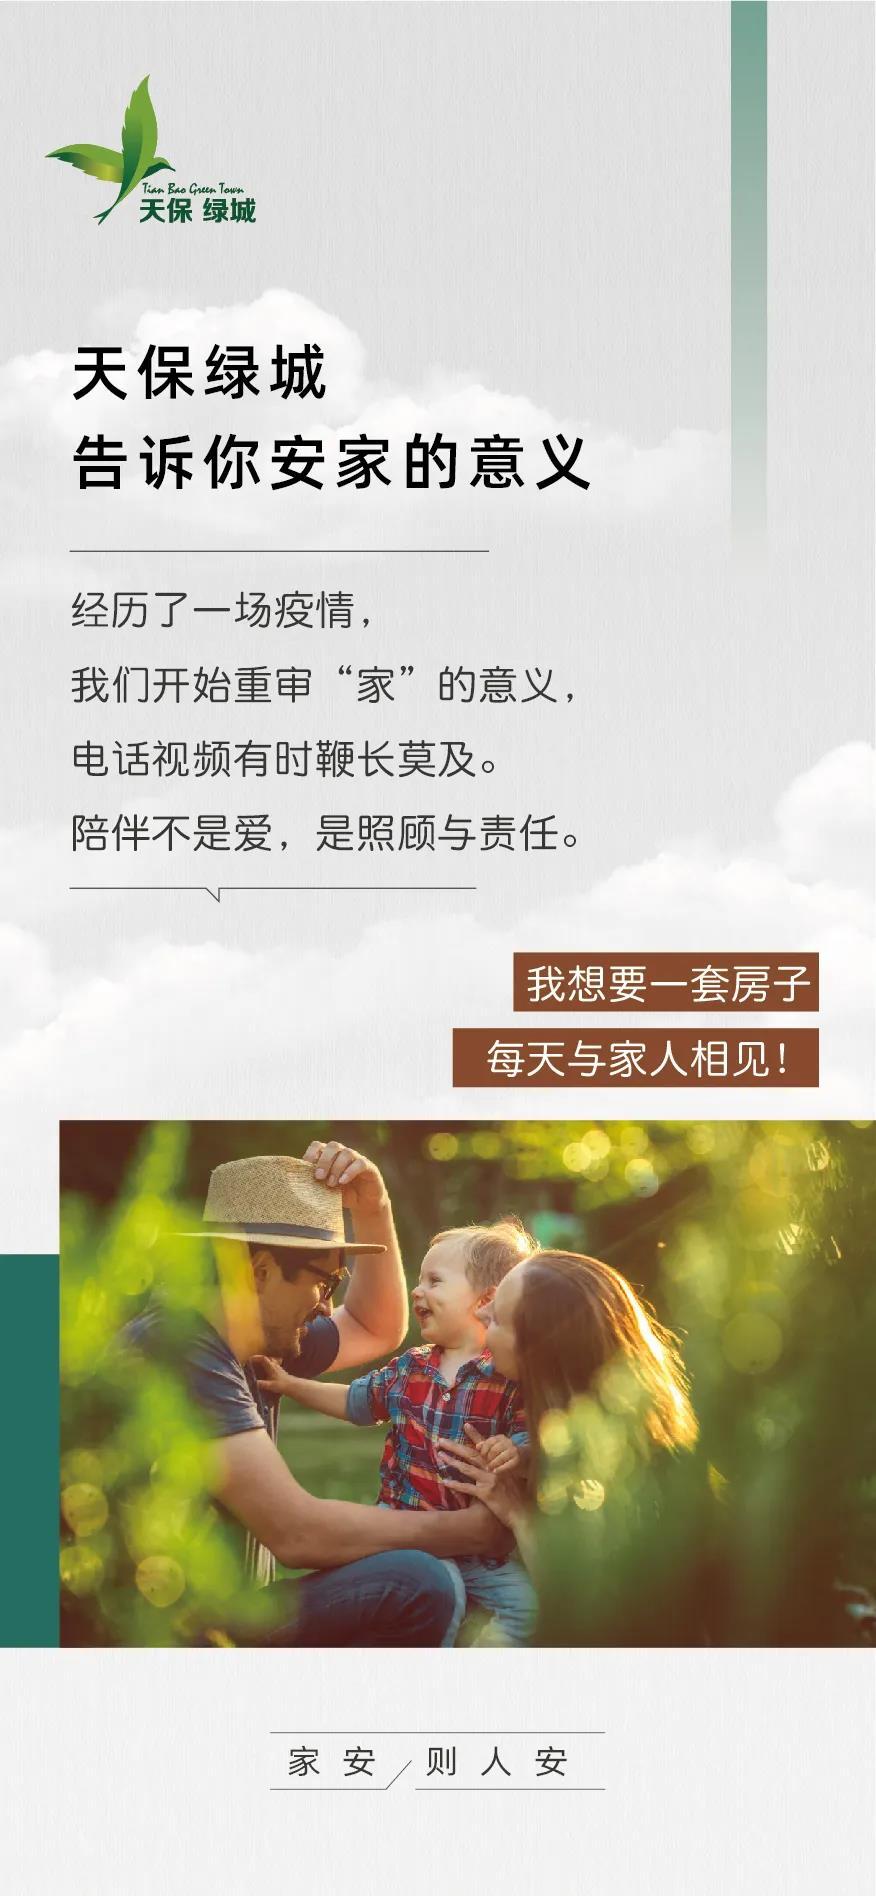 涿州哪的房产好,涿州天保绿城